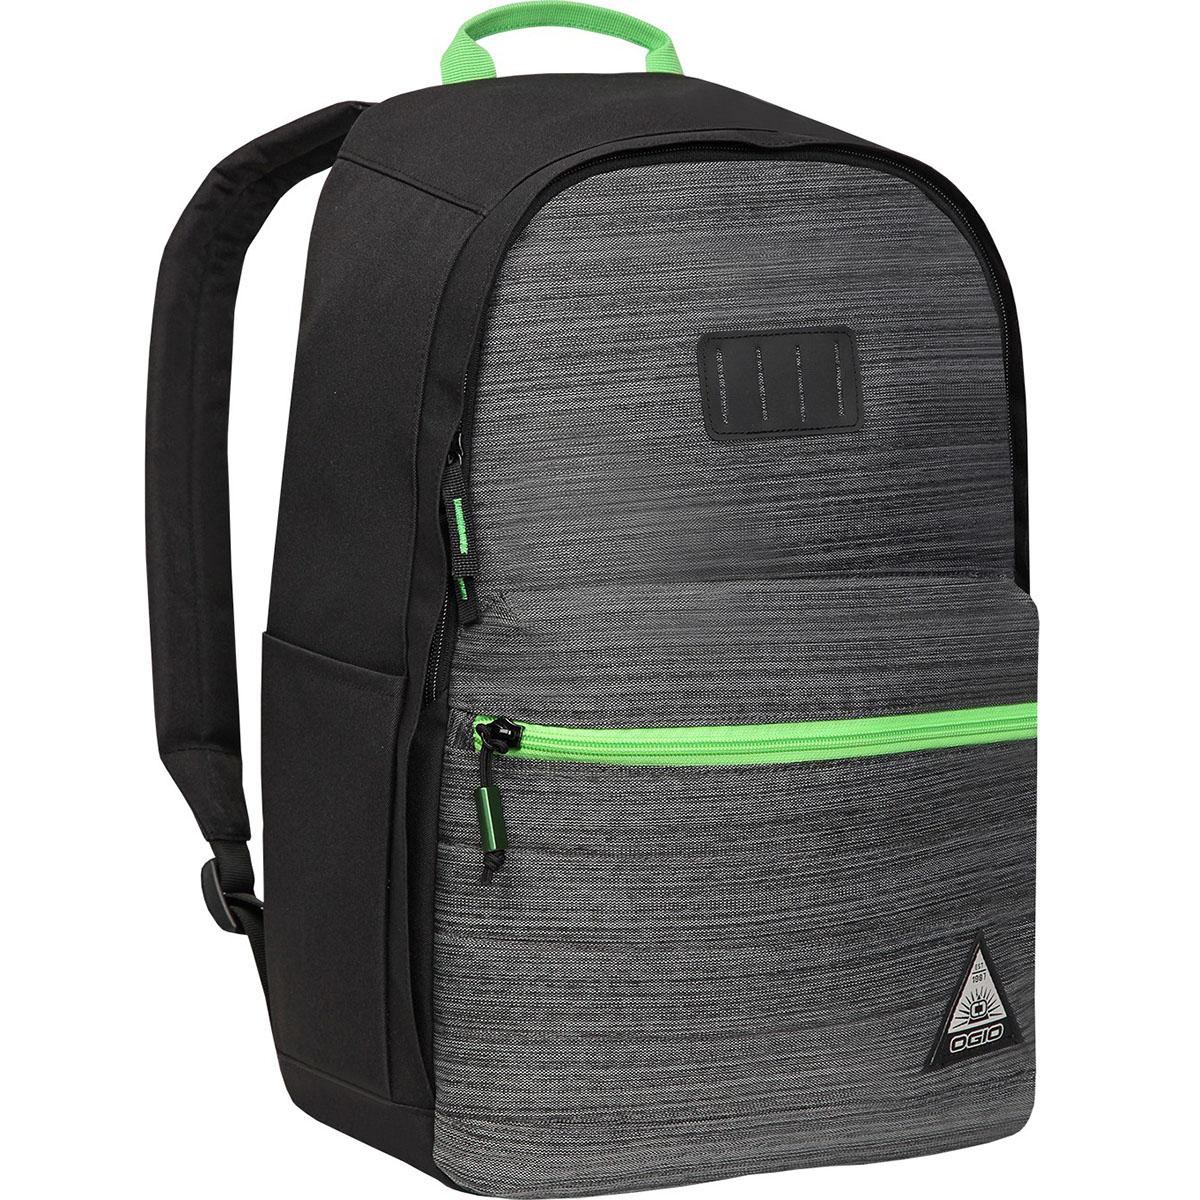 Рюкзак городской OGIO Urban. Lewis Pack (A/S), цвет: темно-серый, салатовый. 031652226944031652226944Компактный, но при этом достаточно вместительный рюкзак от Ogio. Имеется специализированный отсек для ноутбука а также уплотненный карман для ценных вещей на молнии. Внешний передний и боковой карманы на вертикальной молнии обеспечивают быстрый доступ к содержимому, позволяя всегда держать необходимые аксессуары и документы поблизости.